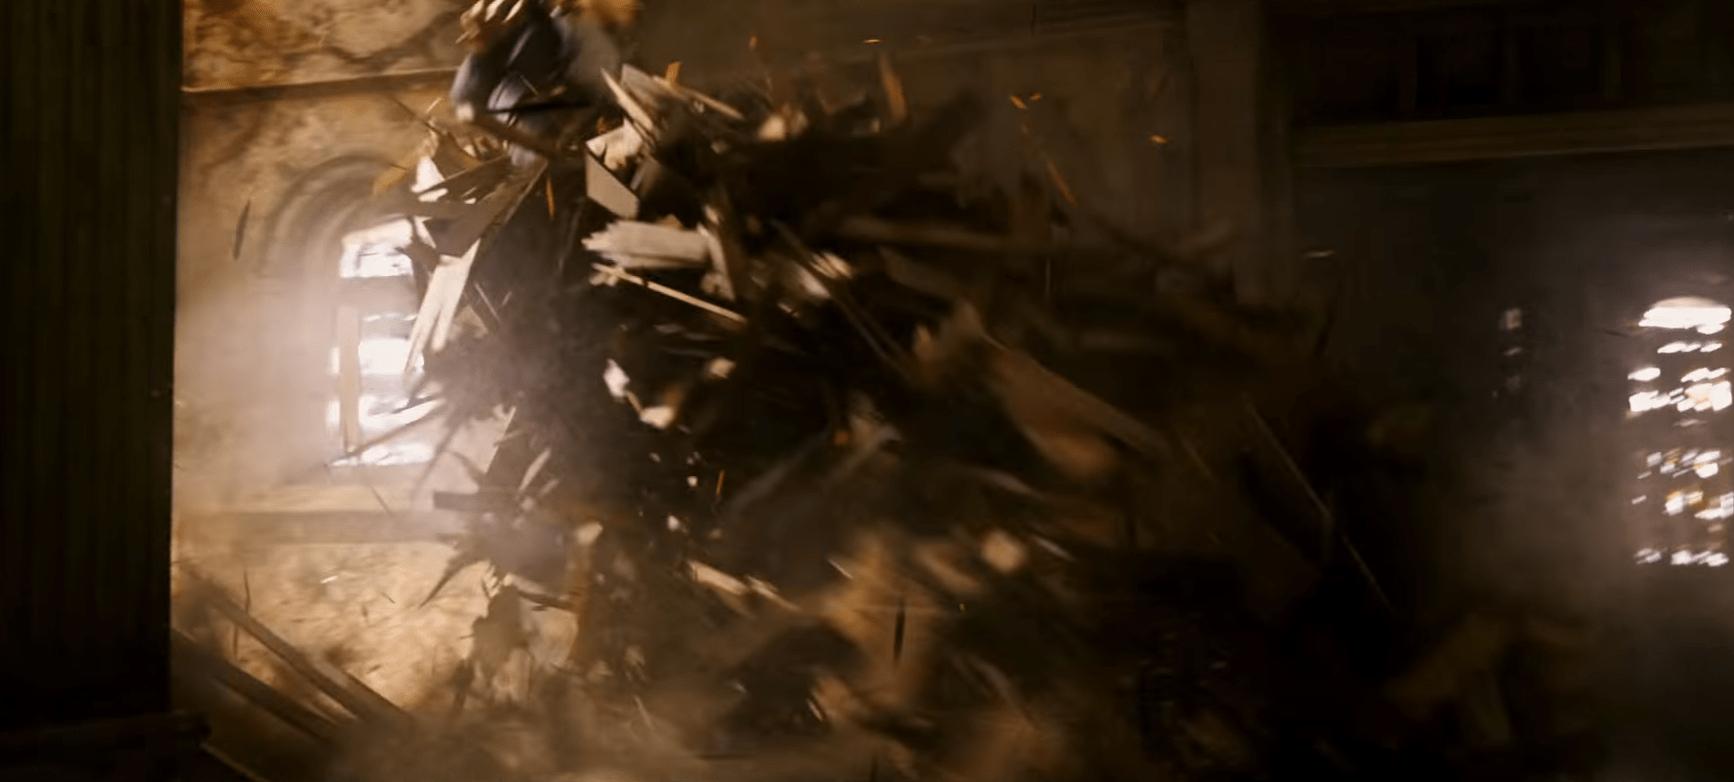 «Тёмная башня»: что показали в трейлере? 15